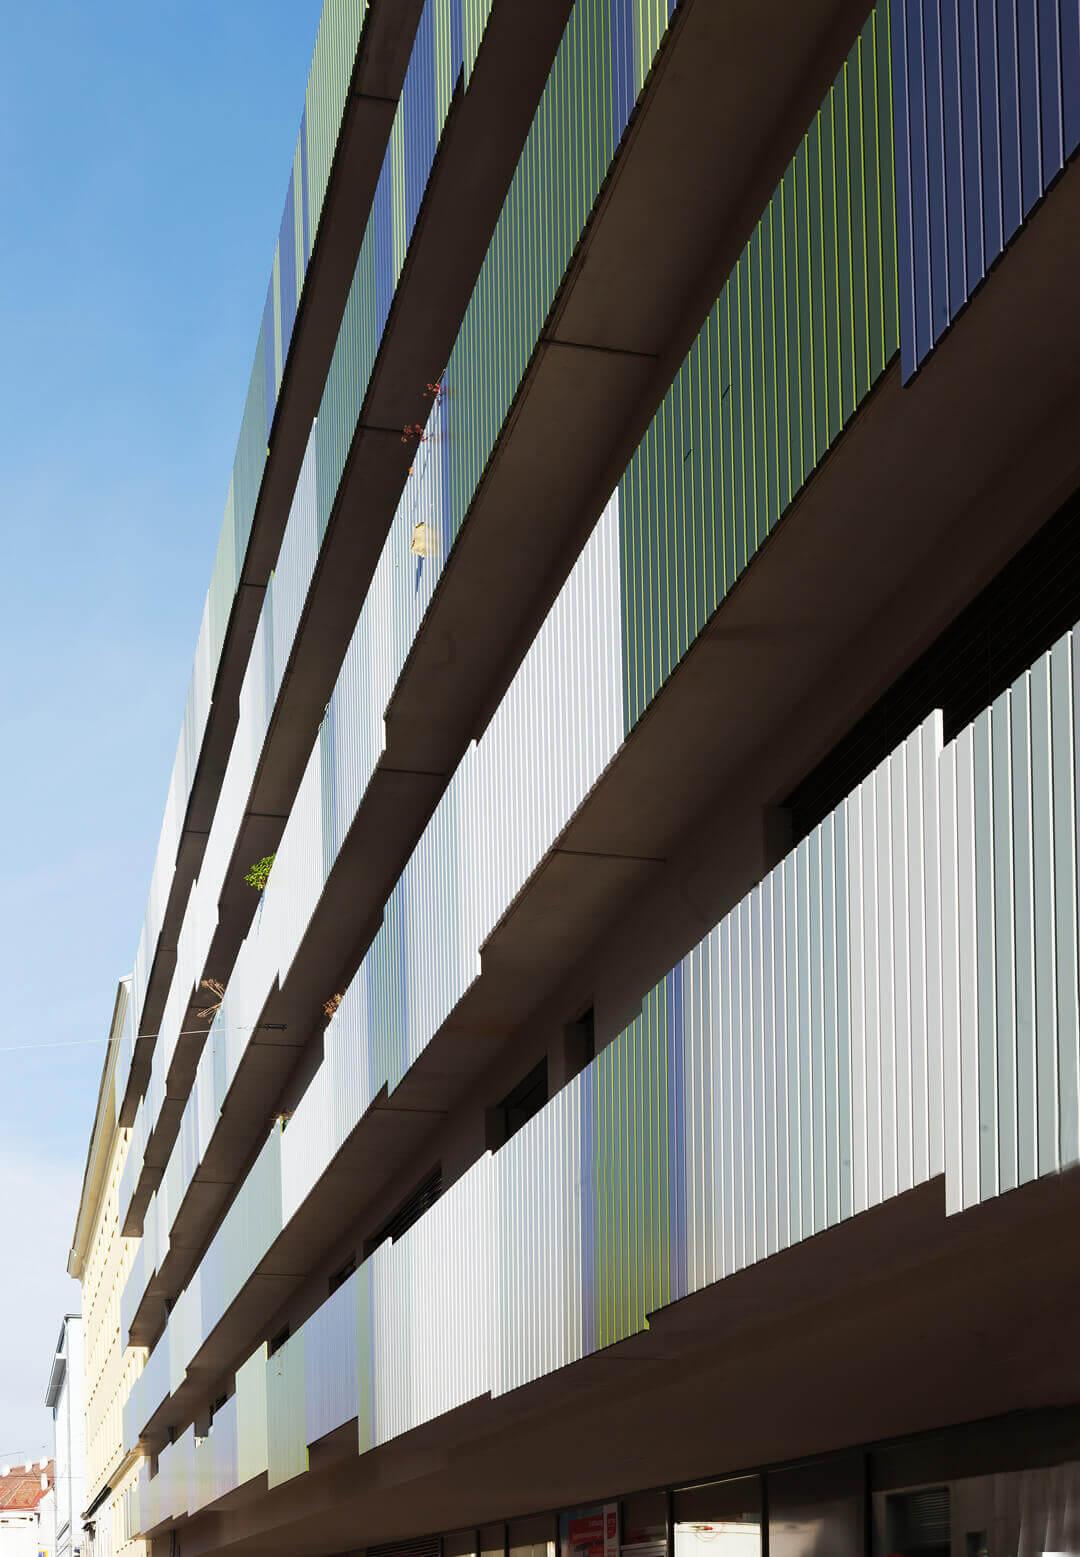 Farbkonzept_Architektur_Wien_Ingo_Nussbaumer_Querkraft_ODO_2017